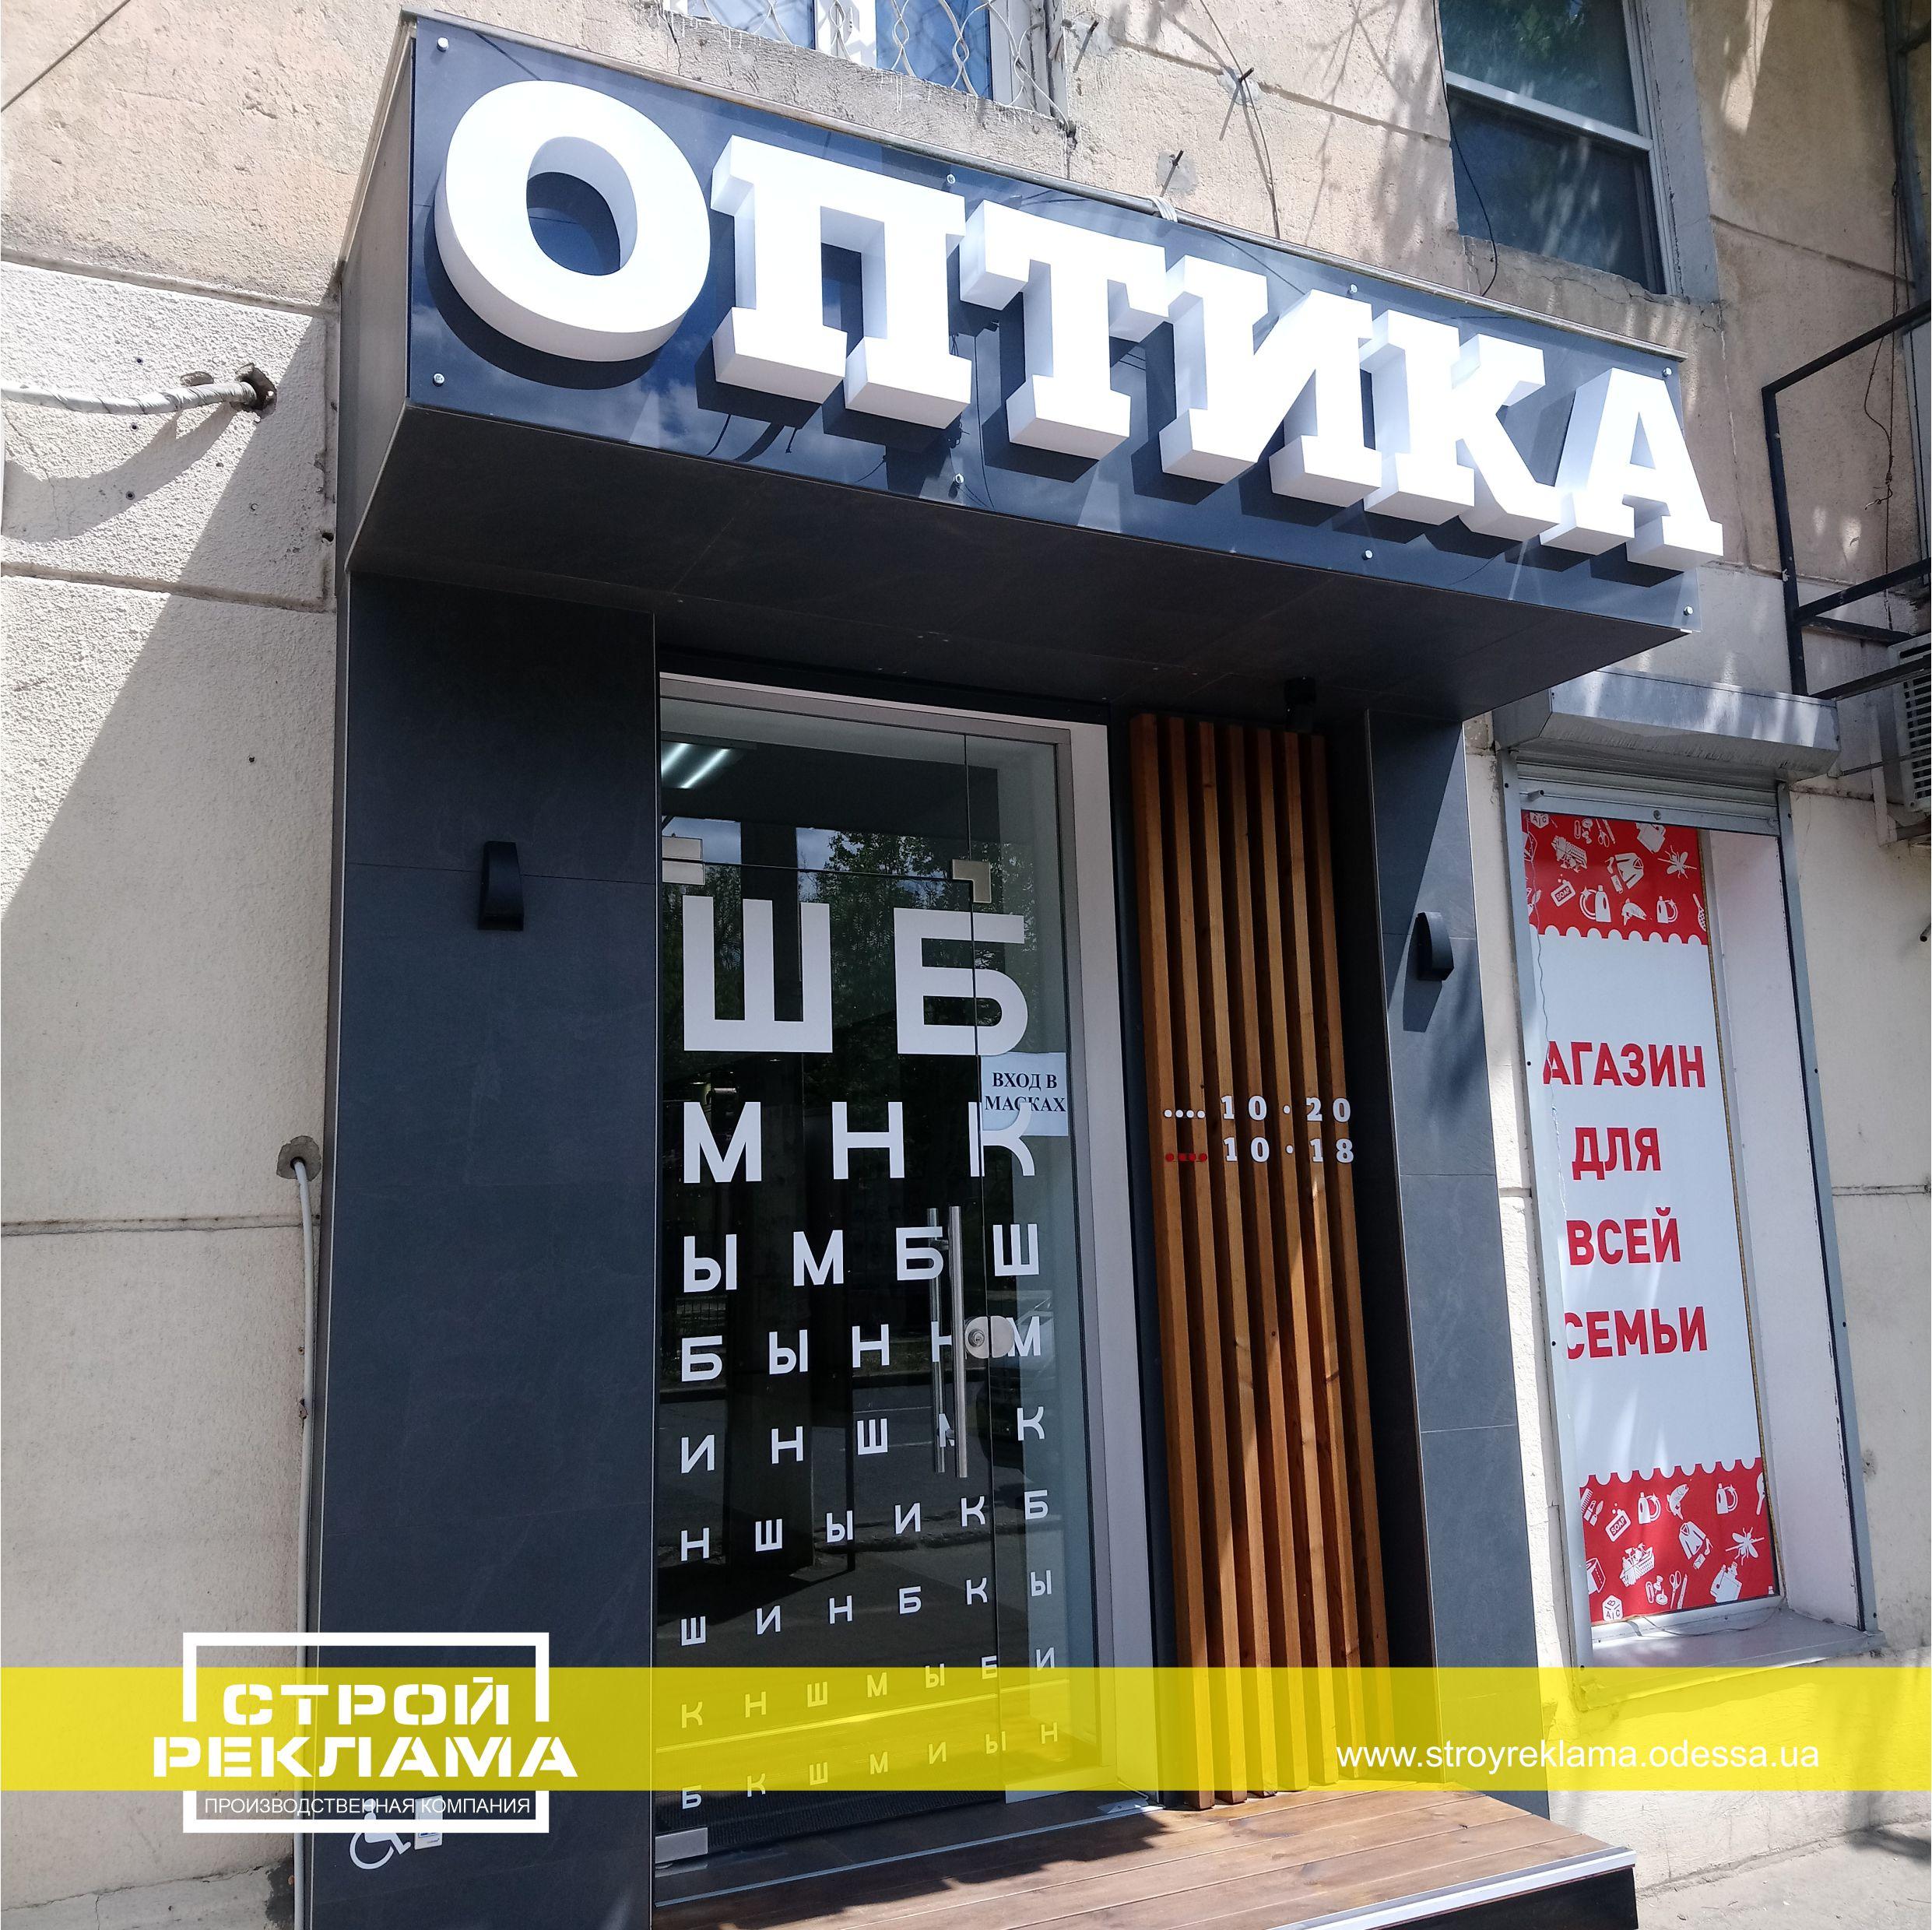 оформление фасада для оптики в одессе